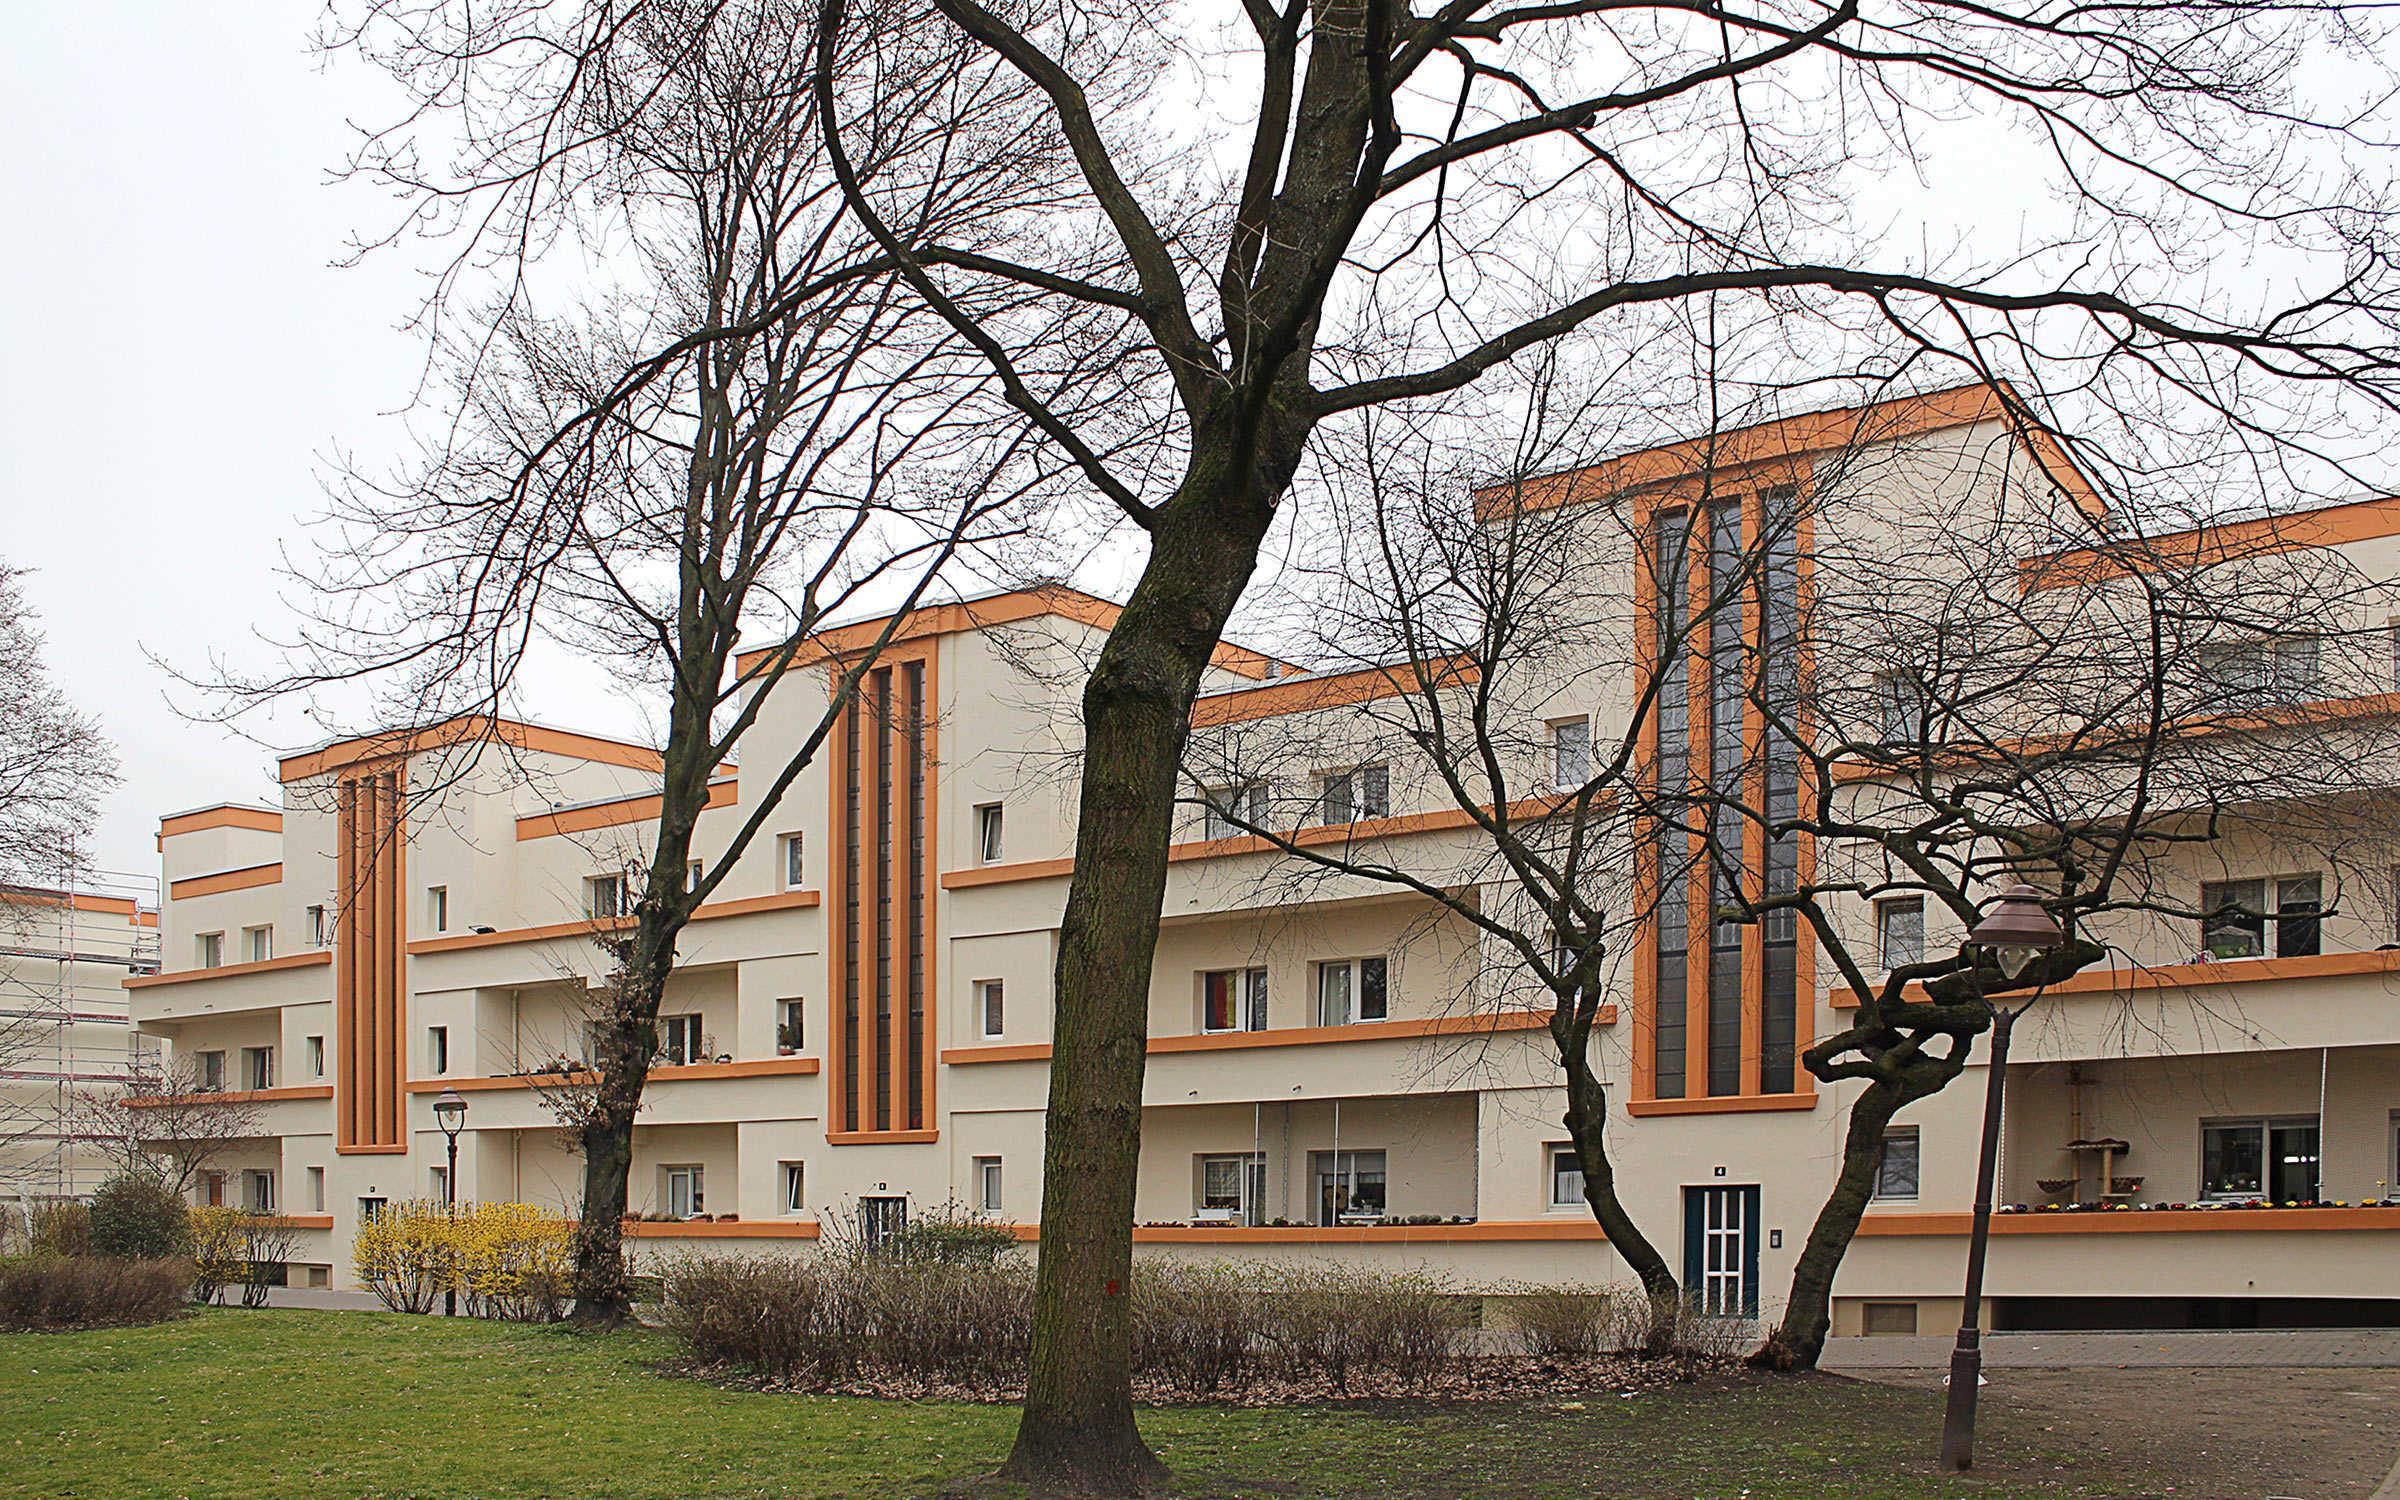 Vittinghoffsiedlung, Gelsenkirchen